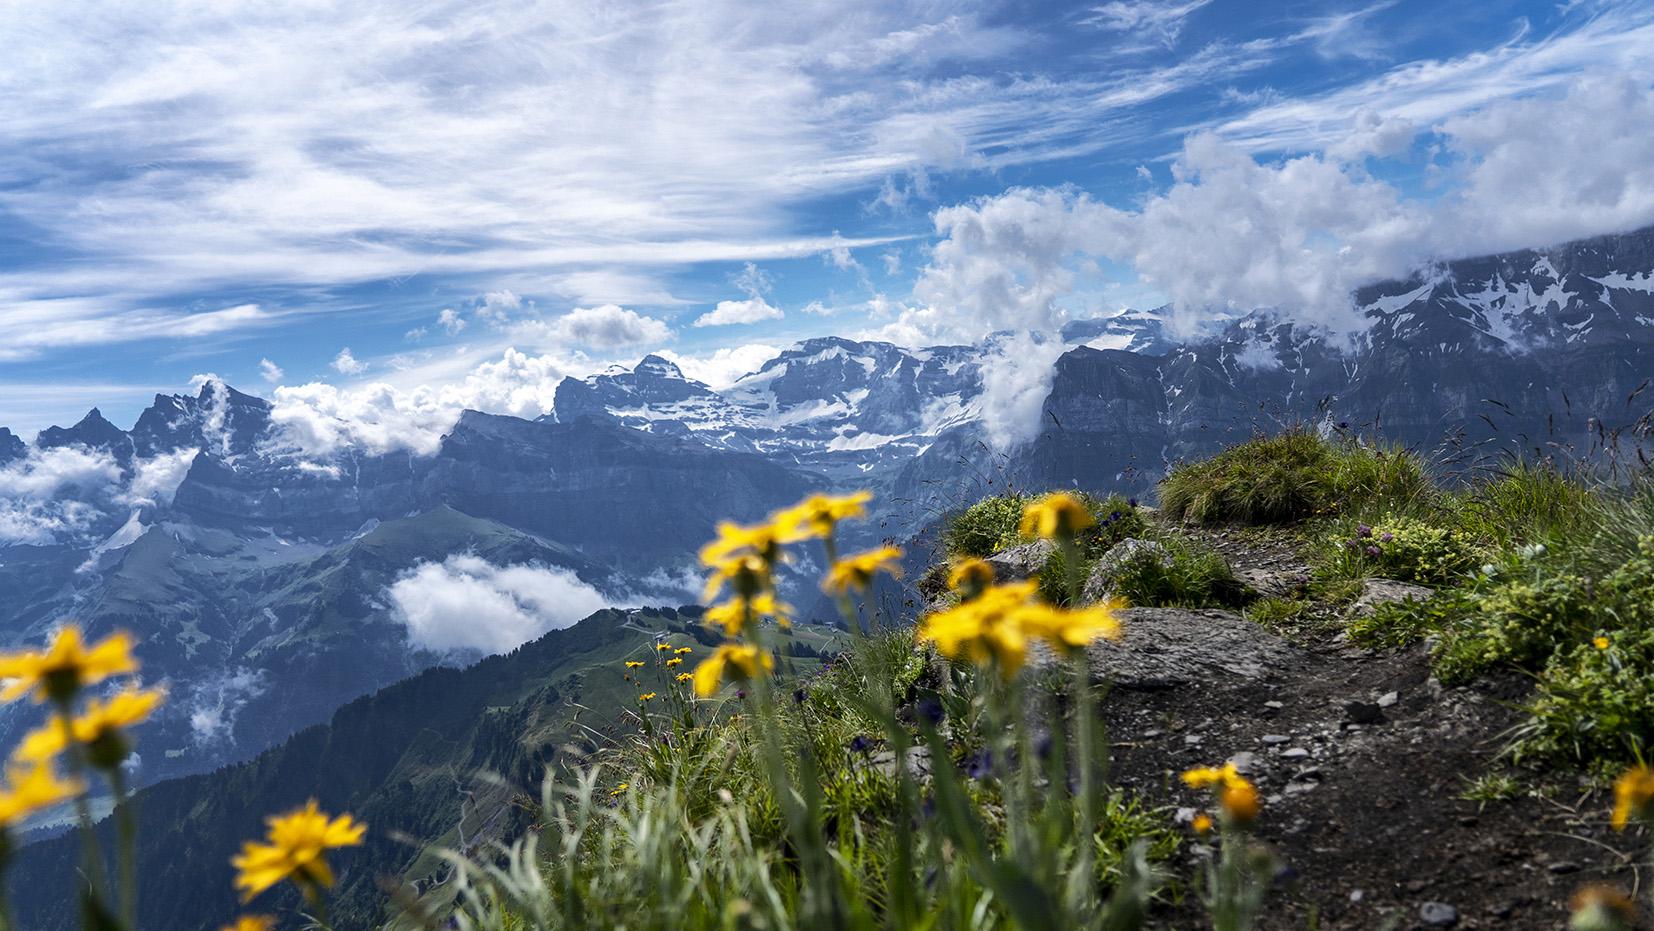 pointe des Mossettes fleurs jaunes montagnes suisse nuages ciel bleu